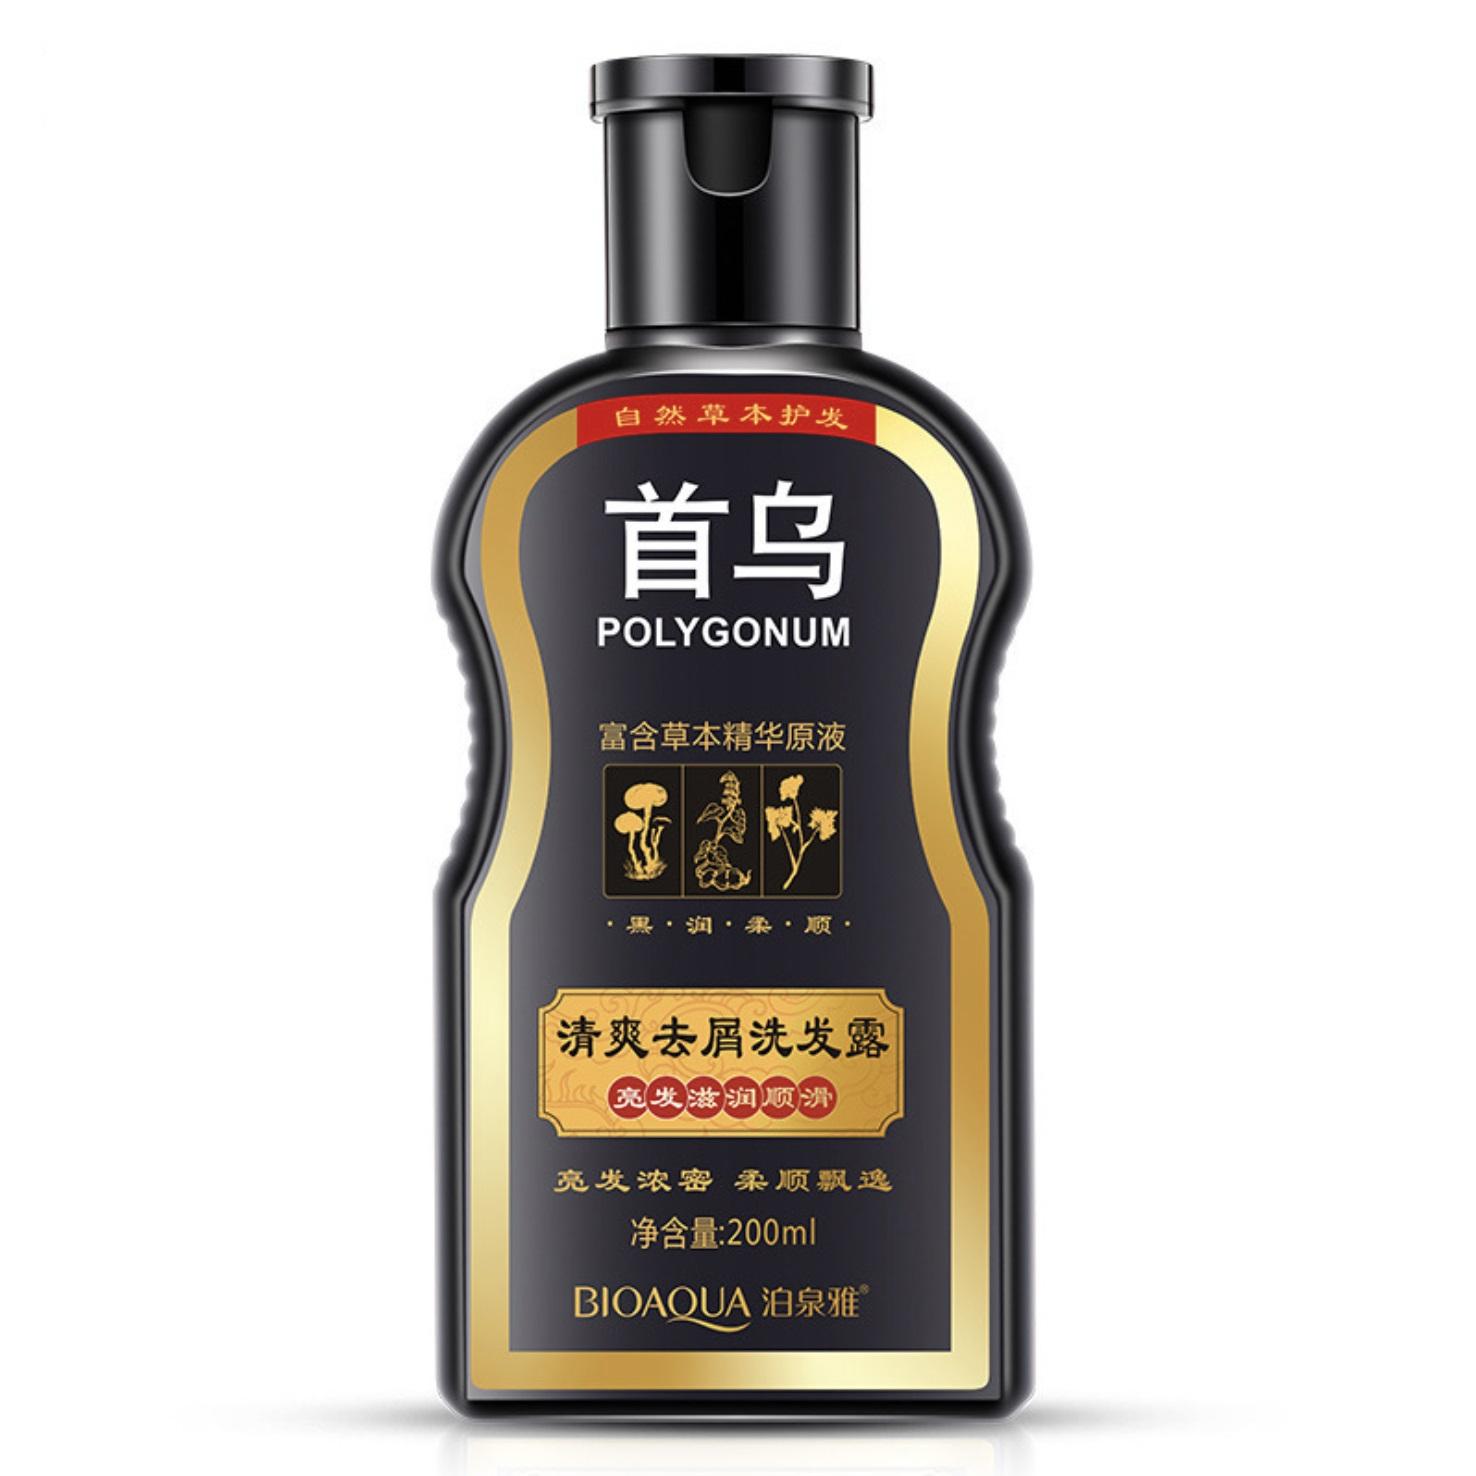 Купить BIOAQUA Шампунь восстанавливающий для волос с корнем горца многоцветкового / Poligonum 200 мл